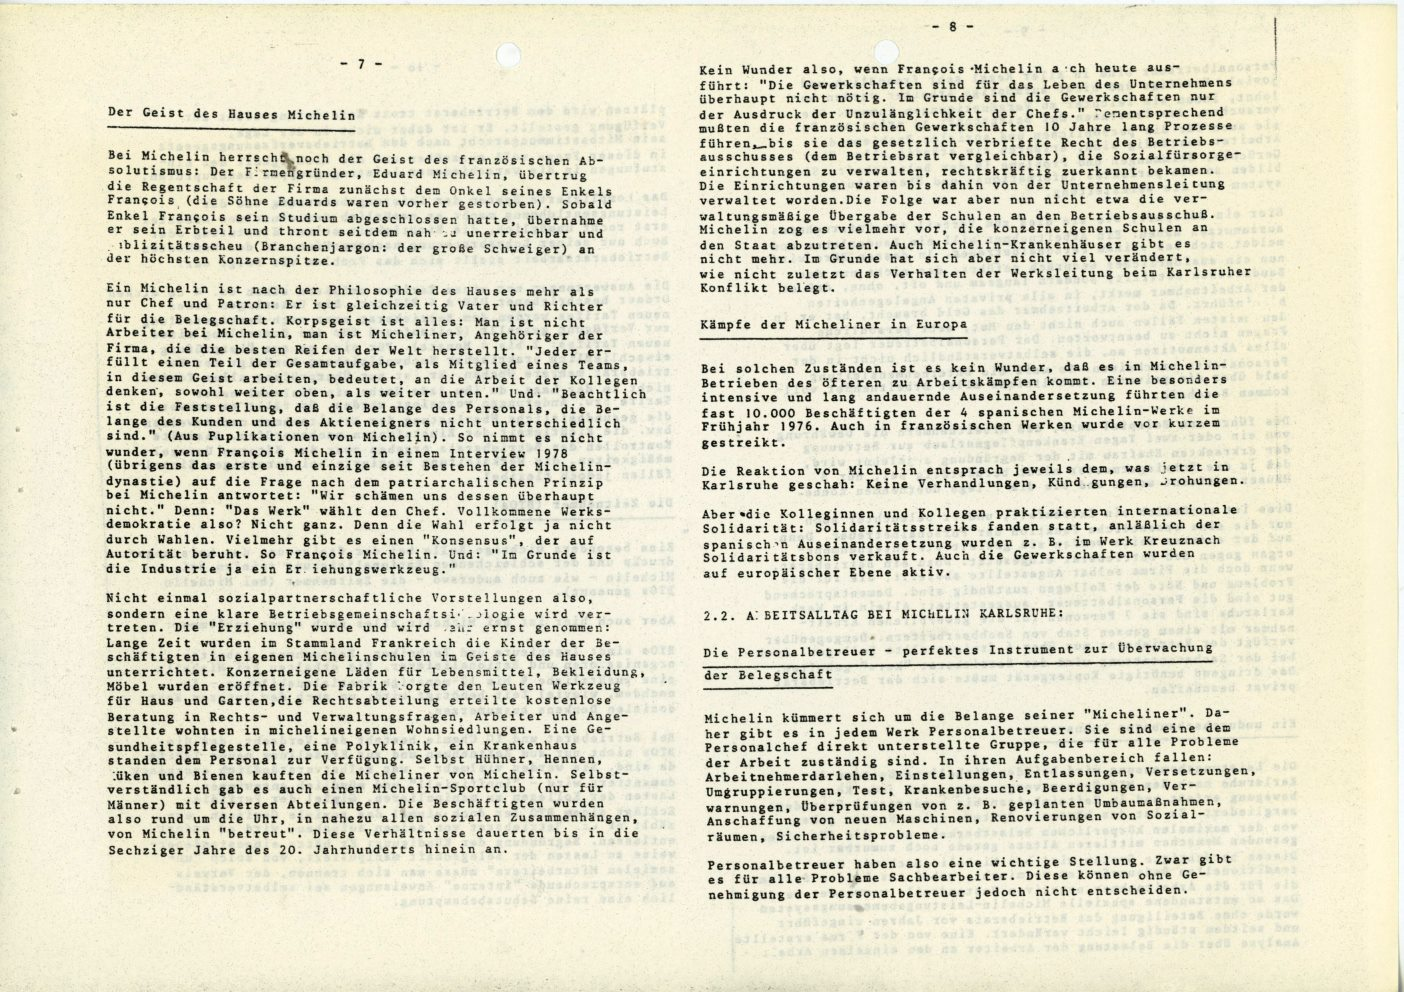 Karlsruhe_Michelin_IGCPK_Doku_zum_Arbeitskonflikt_1978_04